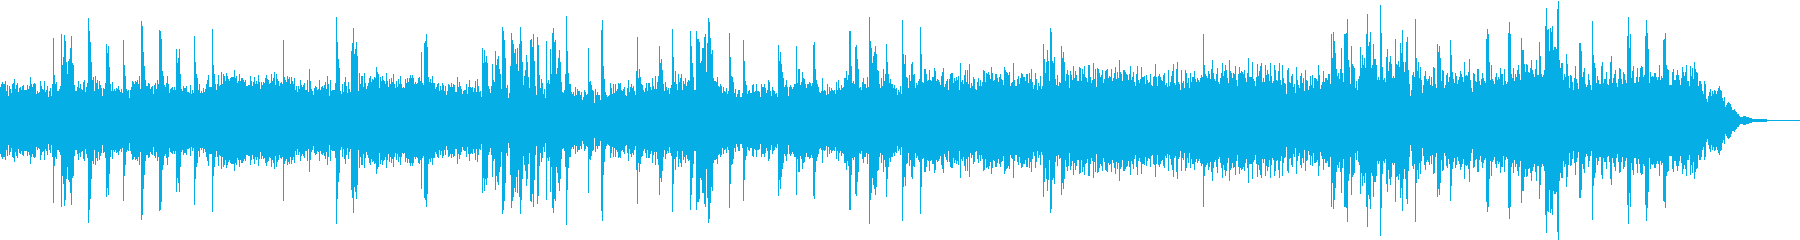 暗めな打ち込み曲の再生済みの波形